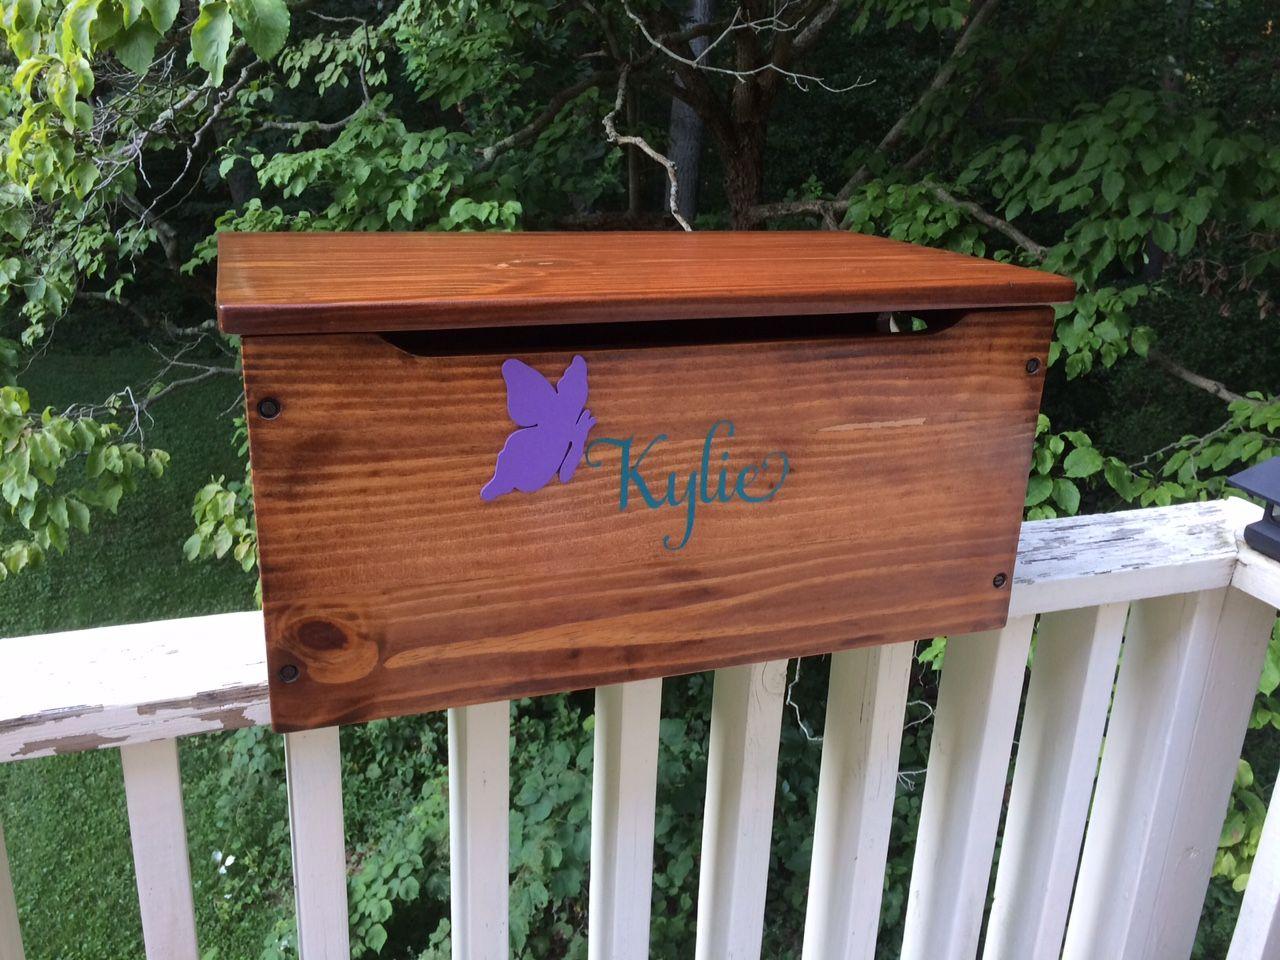 Custom Script Name For Little Girls Toy Box Hope Chest Vinyl - Custom vinyl decals for wood